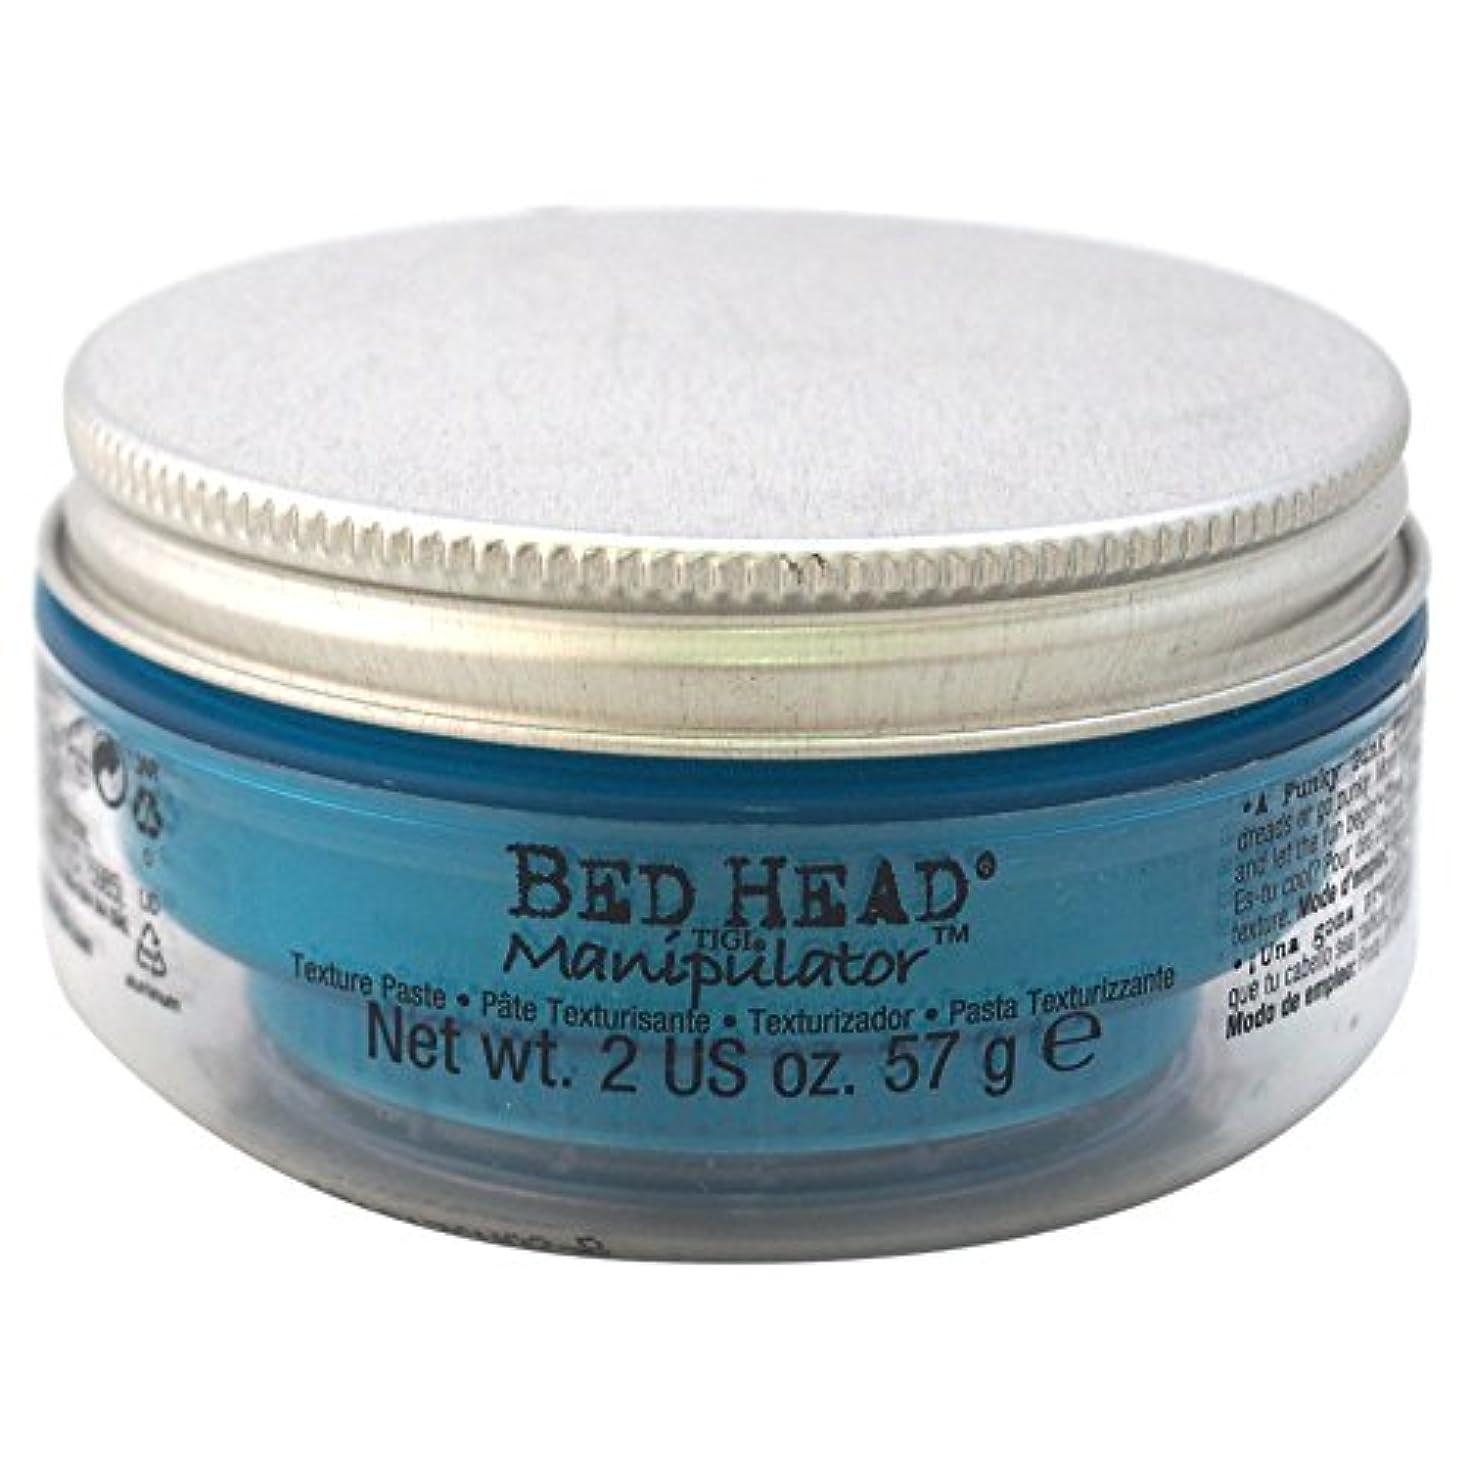 落胆した改修する回復するティジー ベッドヘッドマニピュレーター テキシチヤ ペースト Tigi Bed Head Manipulator Texture Paste 57 ml [並行輸入品]